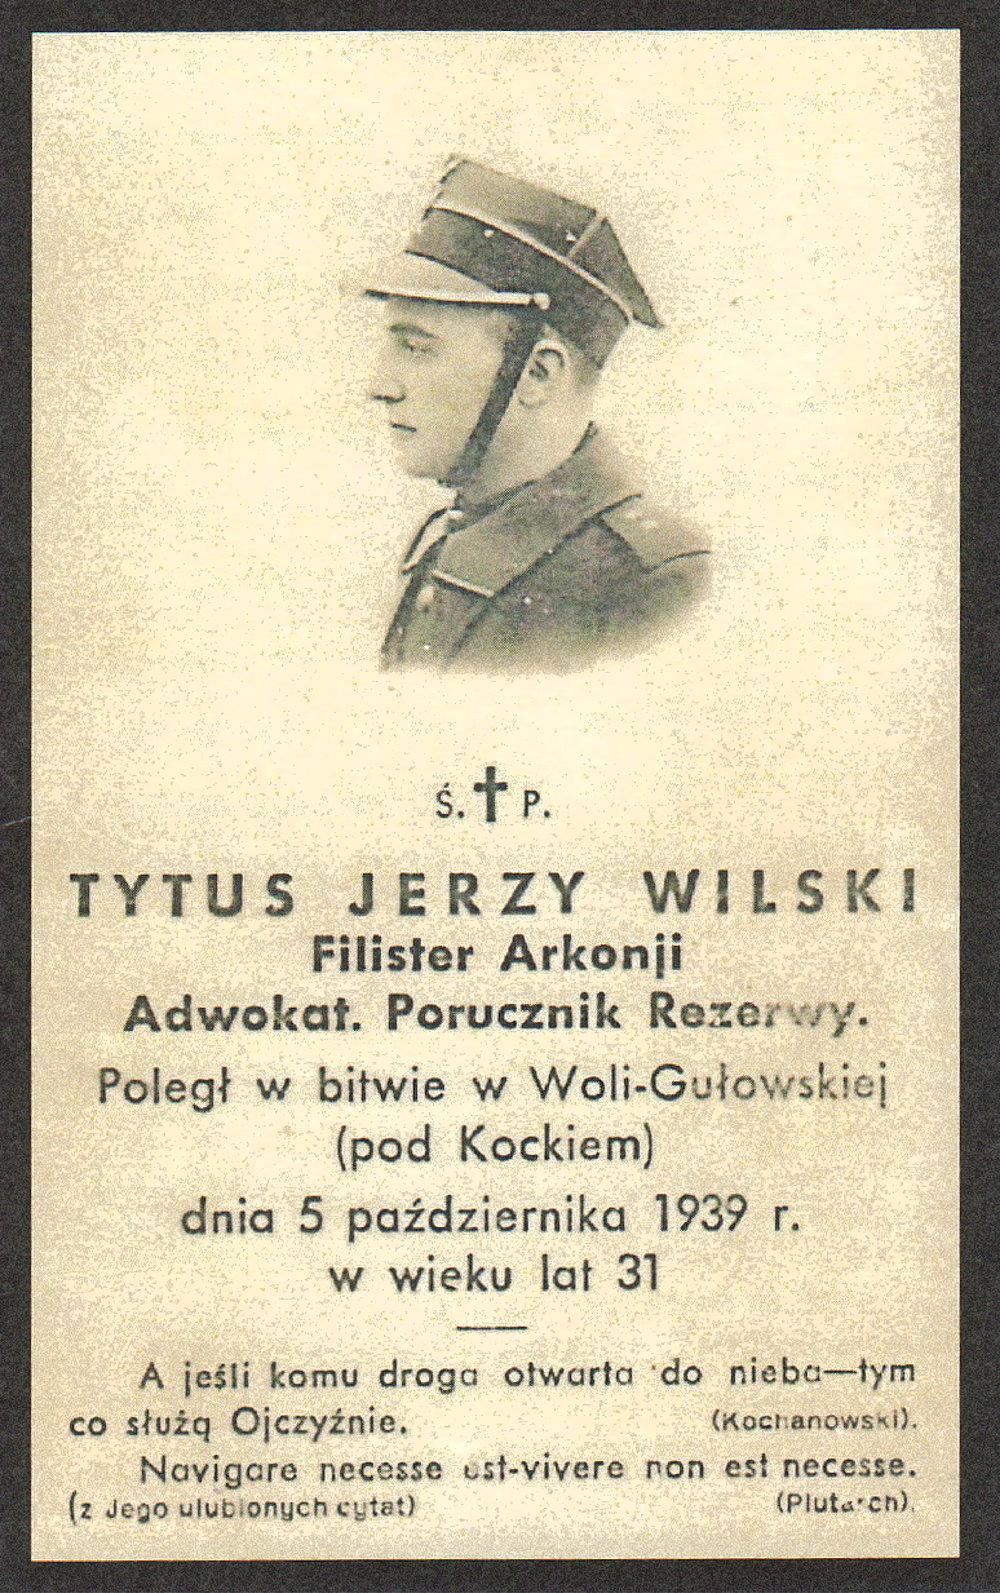 1939 - Tytus Jerzy Wilski ginie dla Ojczyzny w bitwie pod Kockiem, jeden z ostatnich rezydentów z rodziny Wilskich w Dworze